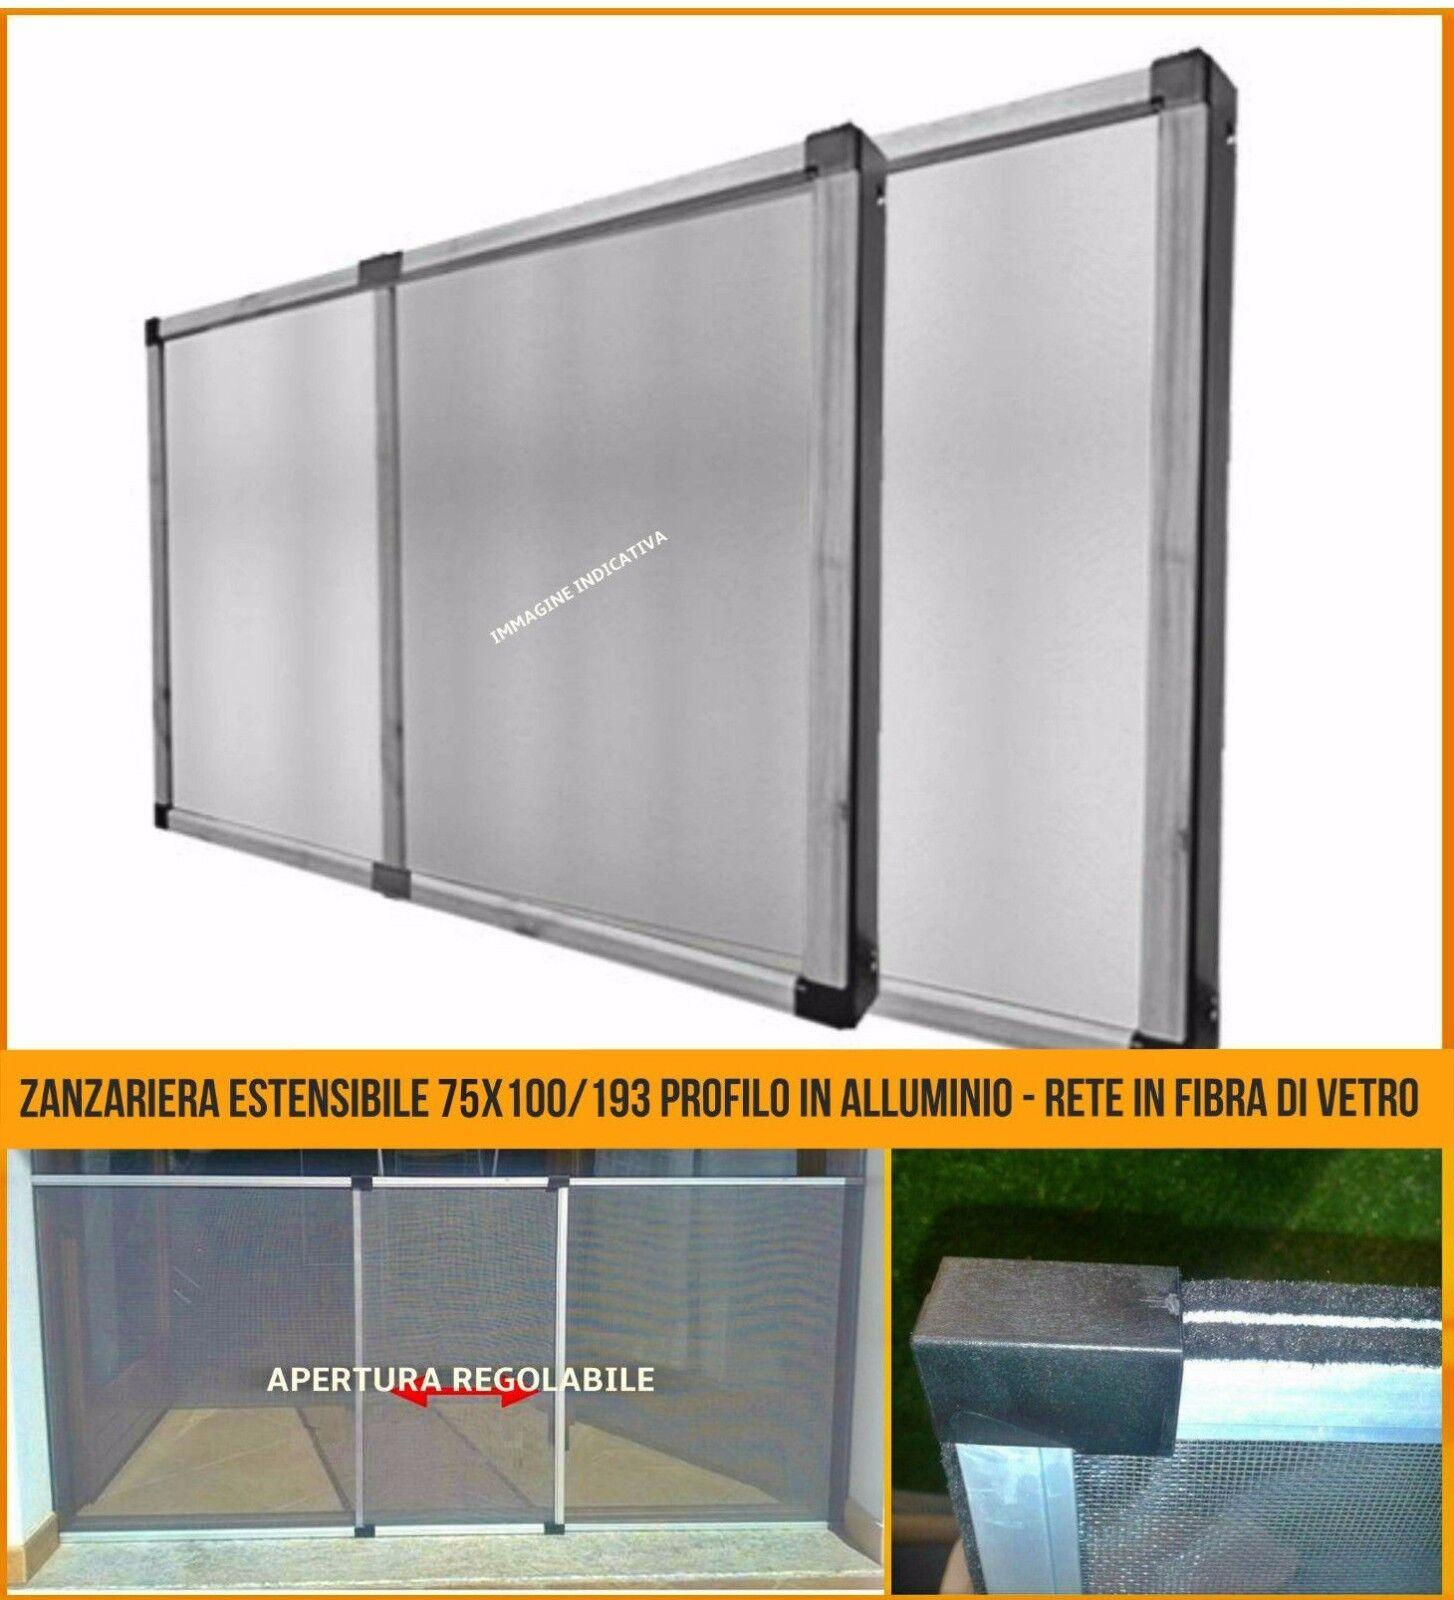 50x75 alluminio avorio x finestra Telai zanzariera /'dasko/' cm